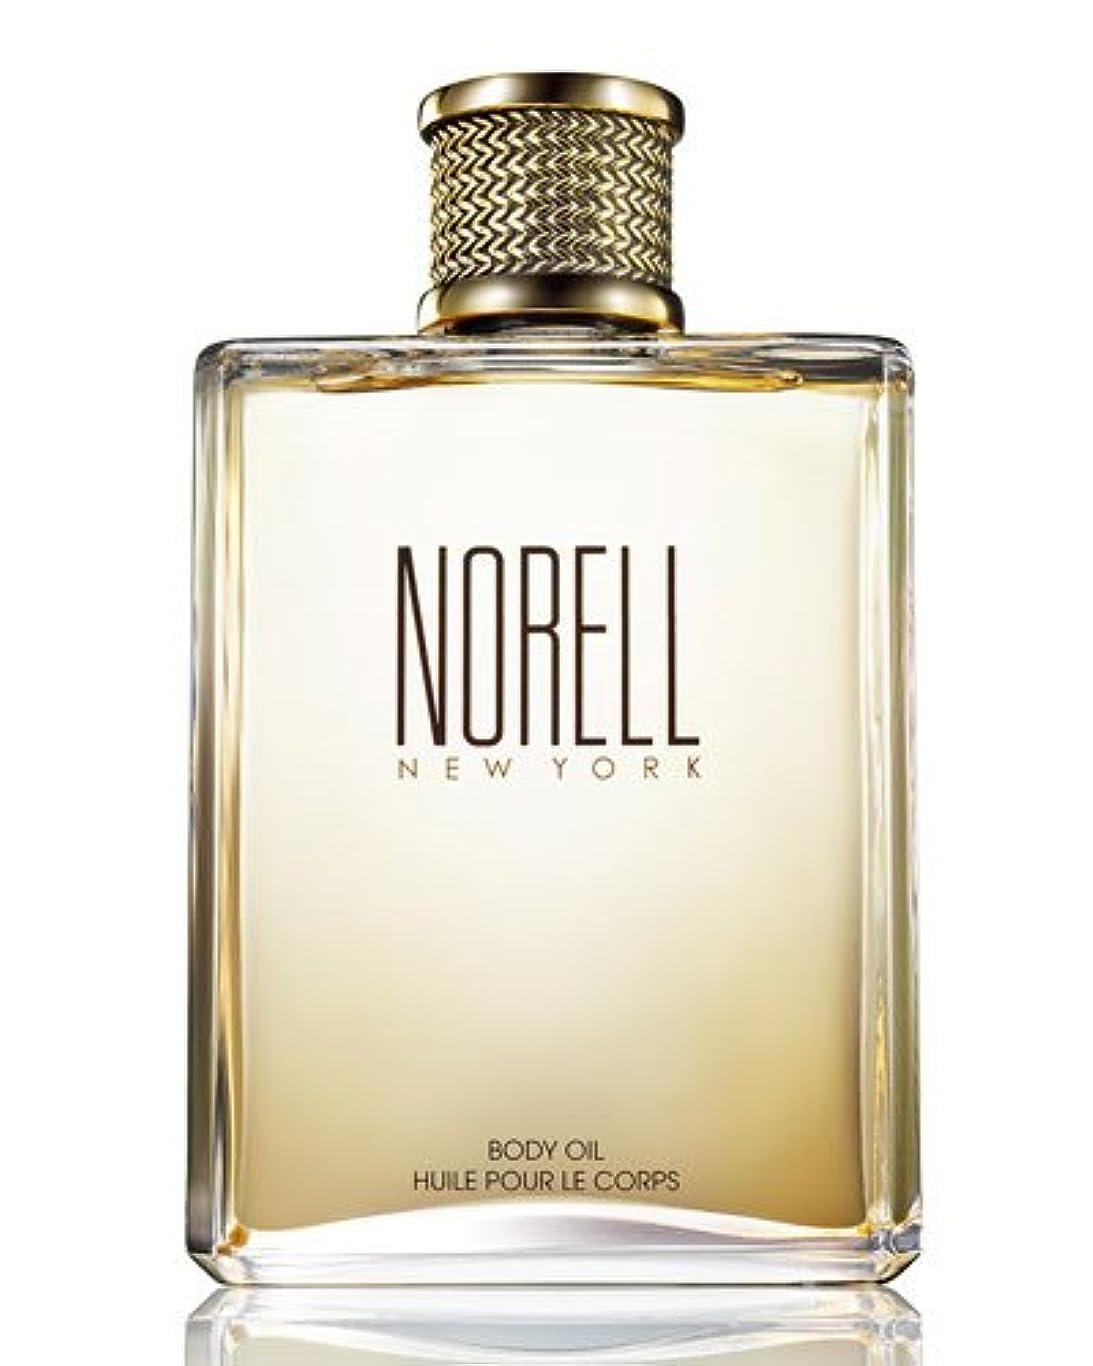 ホースベスビオ山完璧なNorell (ノレル) 8.0 oz (240ml) Body Oil by Norell New York